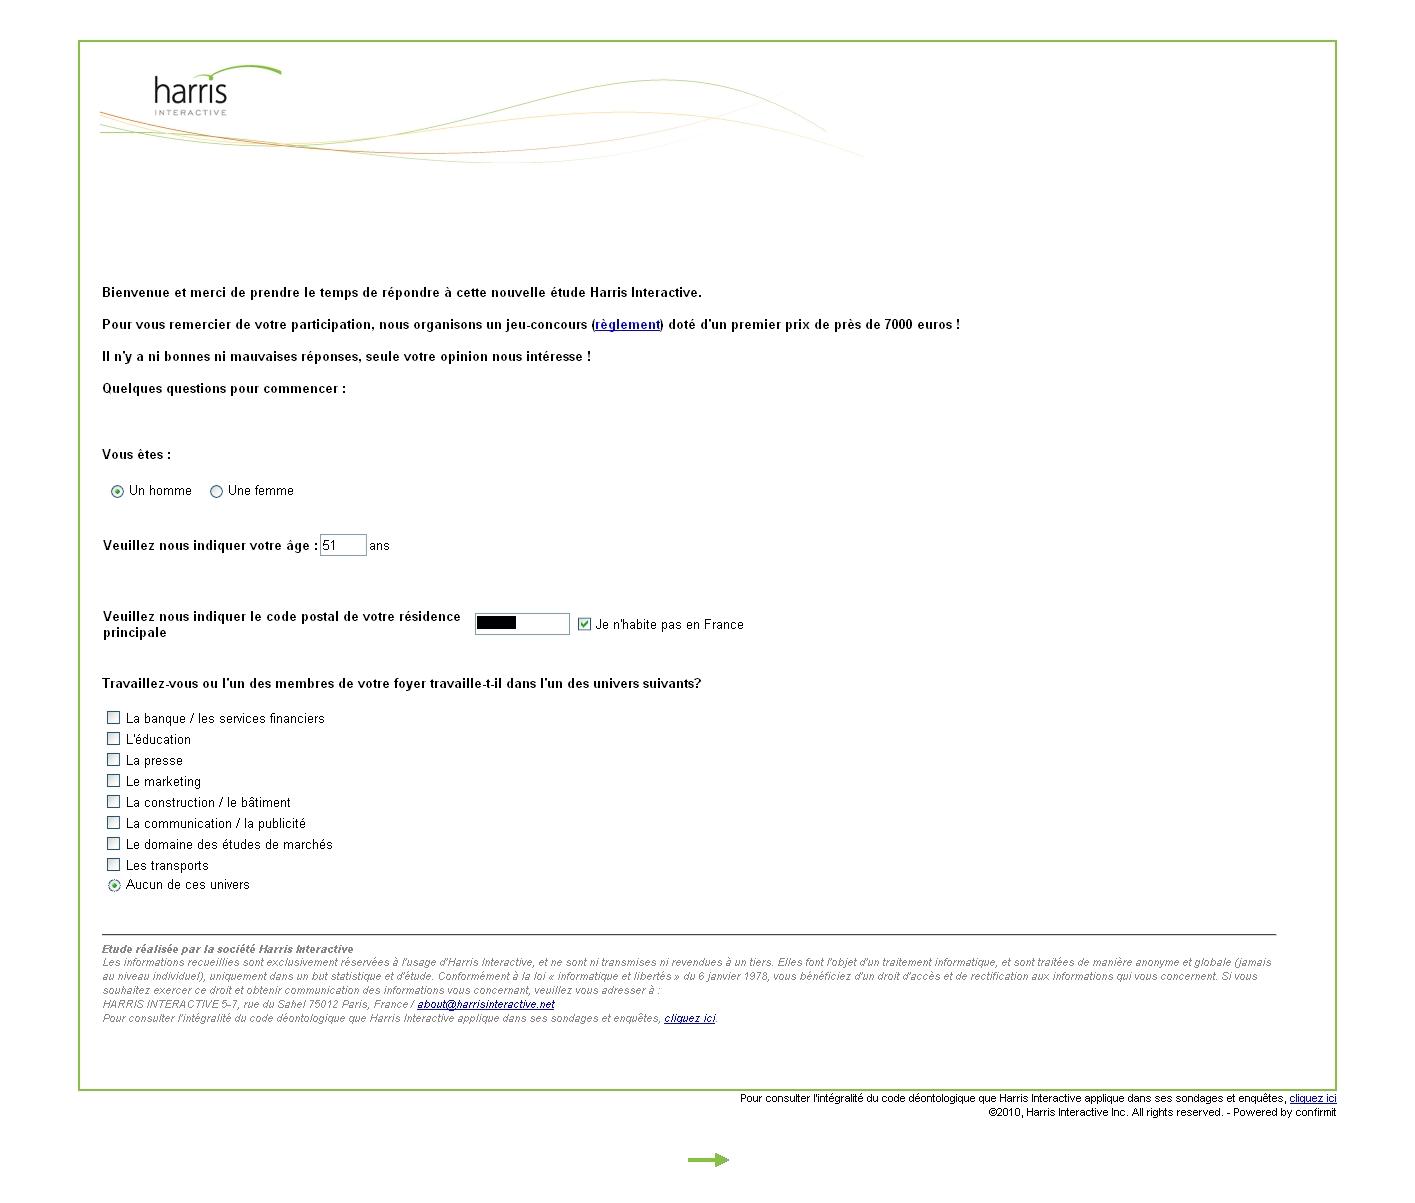 sondages r mun r s les animations d 39 harris interactive observatoire des sondages. Black Bedroom Furniture Sets. Home Design Ideas